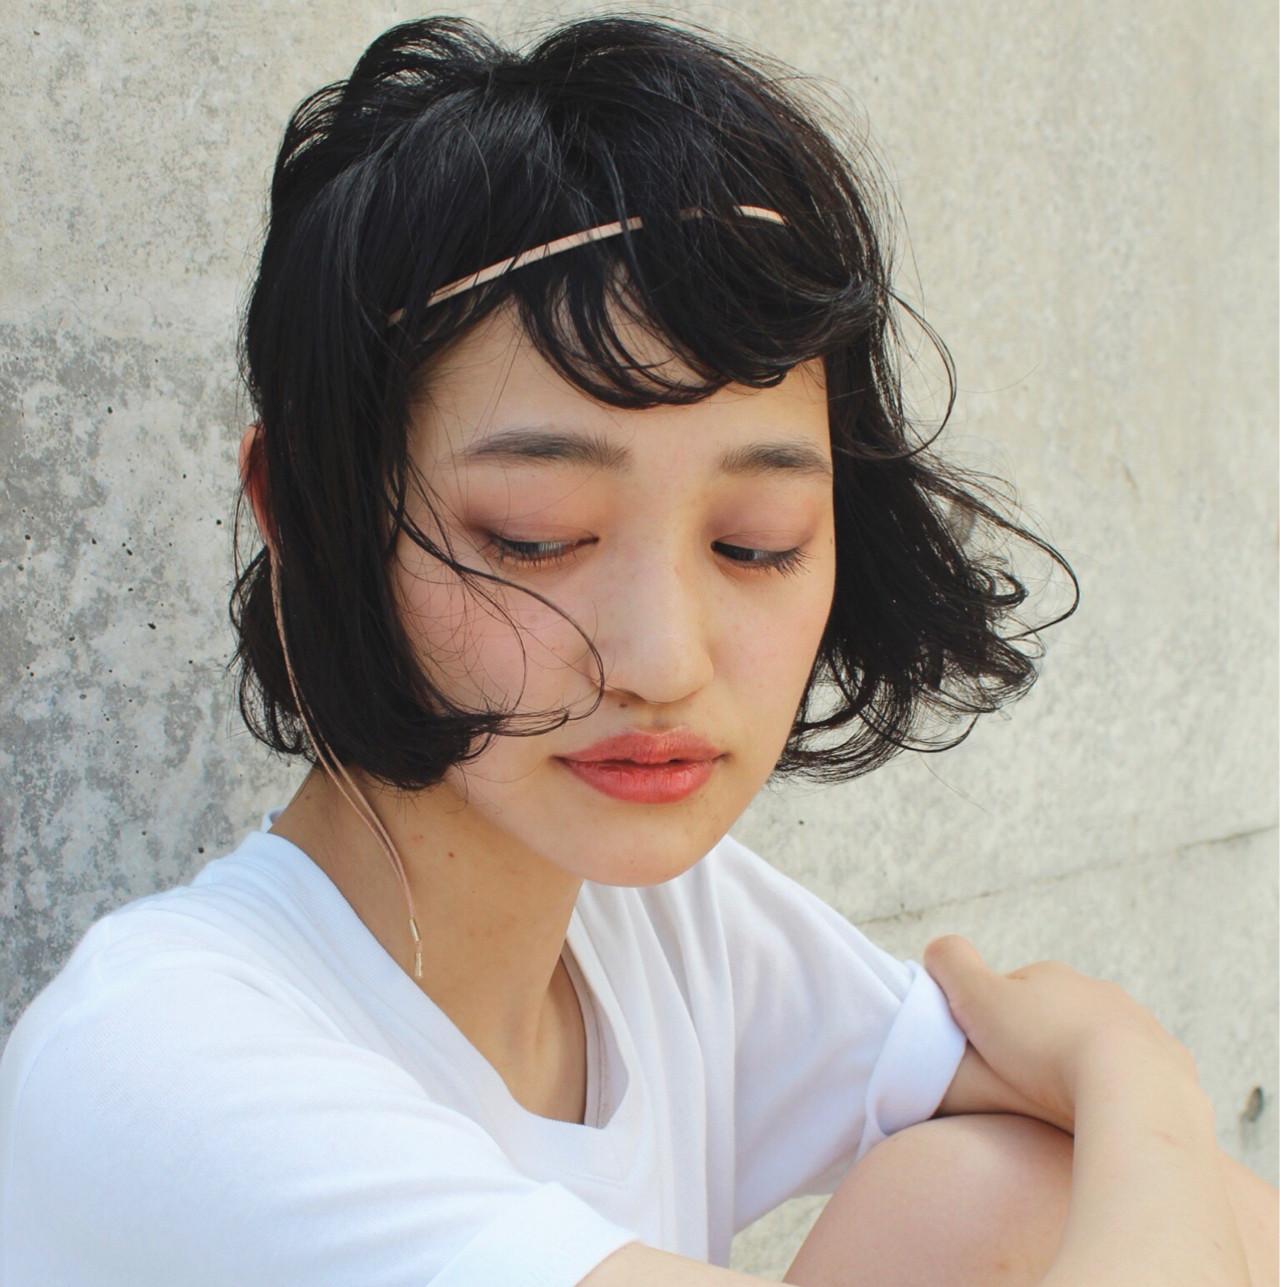 ミディアム パーマ 大人女子 モードヘアスタイルや髪型の写真・画像